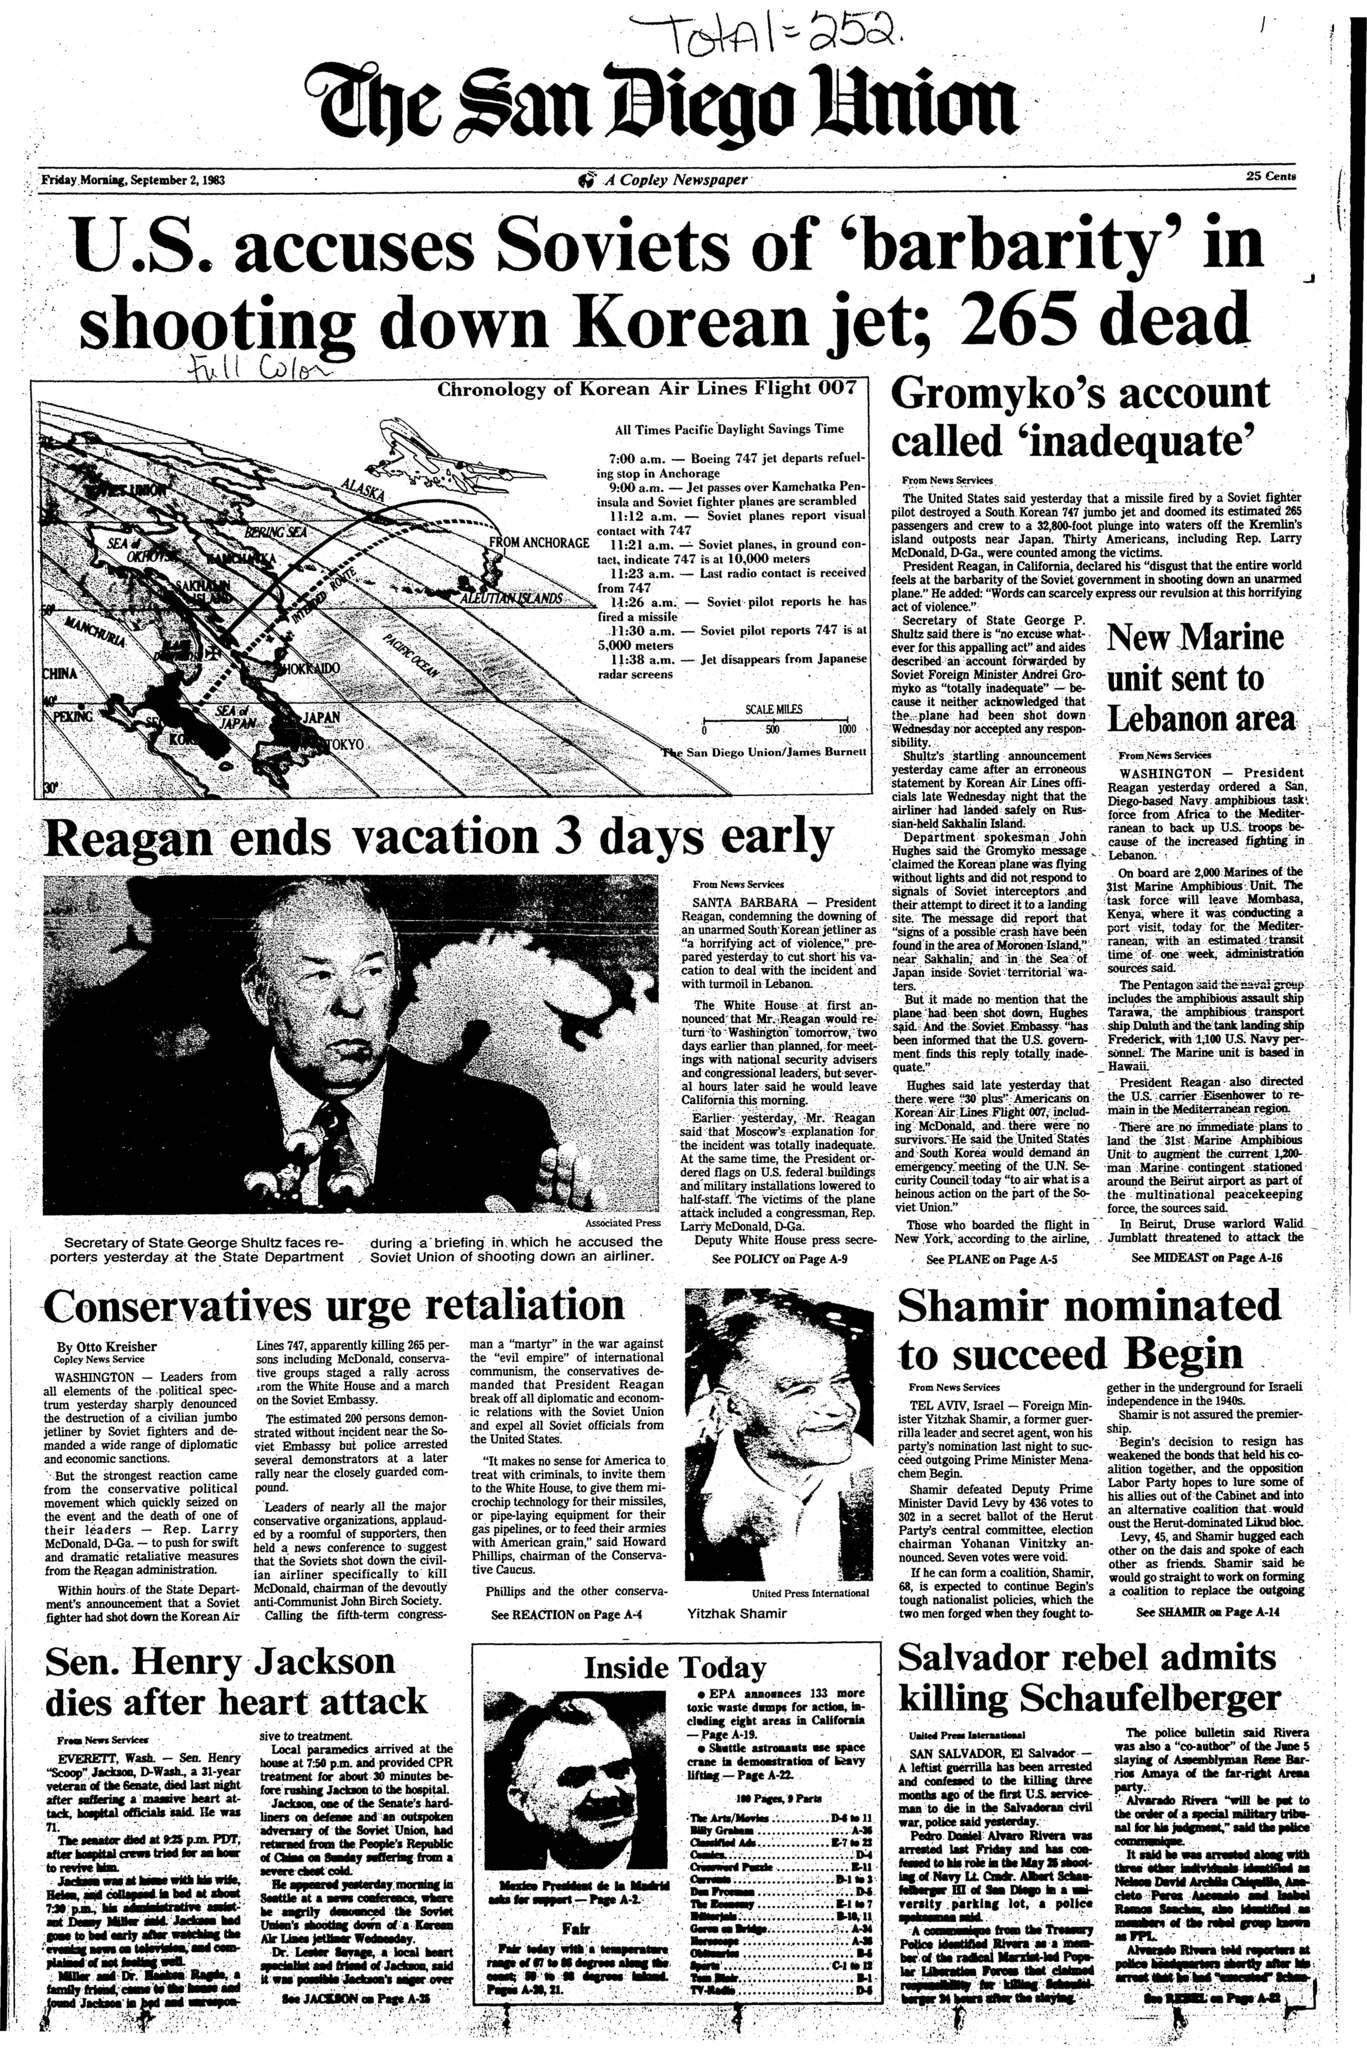 September 2, 1983